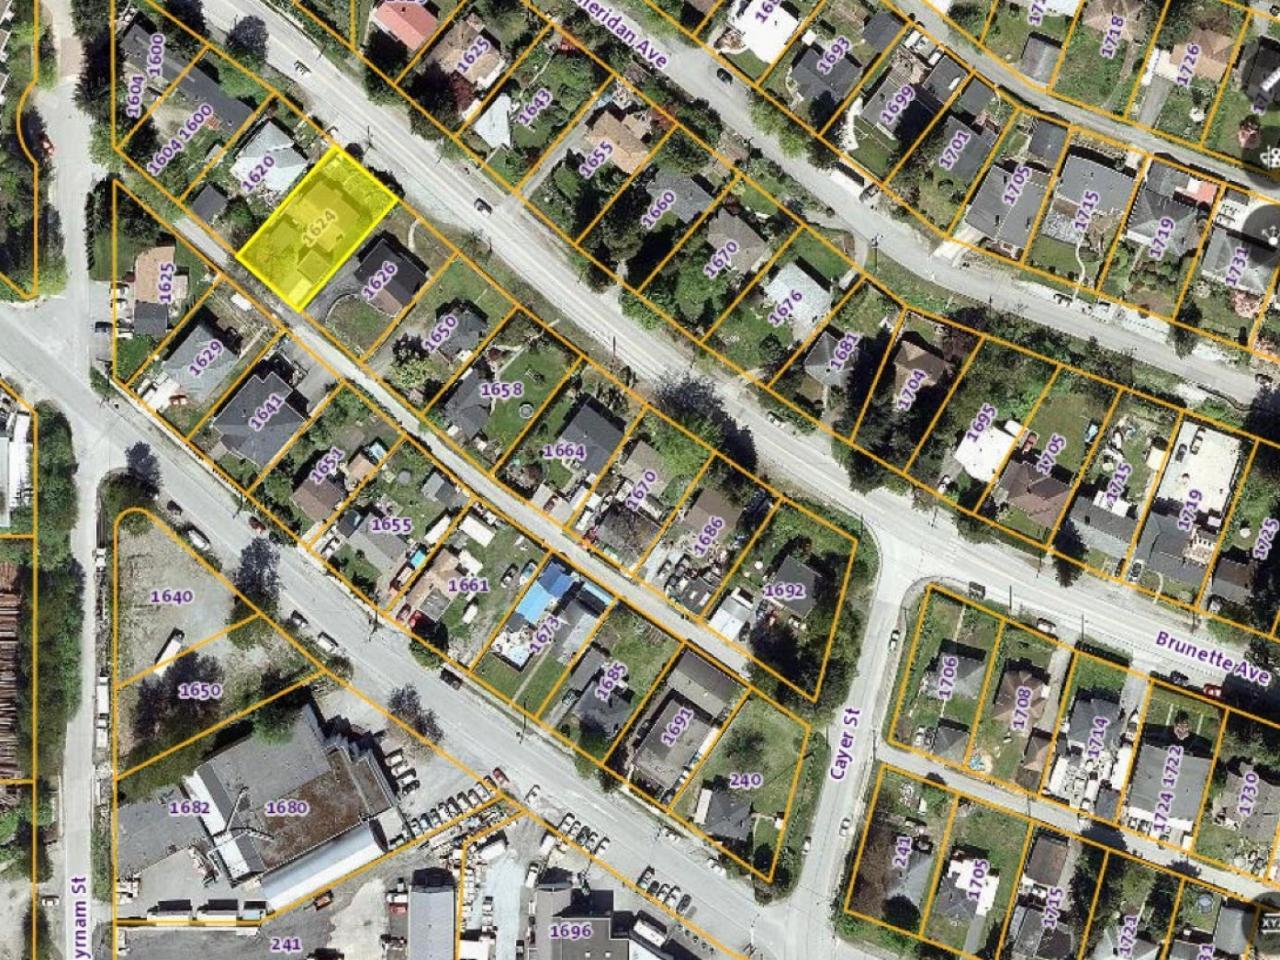 1624 Brunette Avenue, Maillardville, Coquitlam